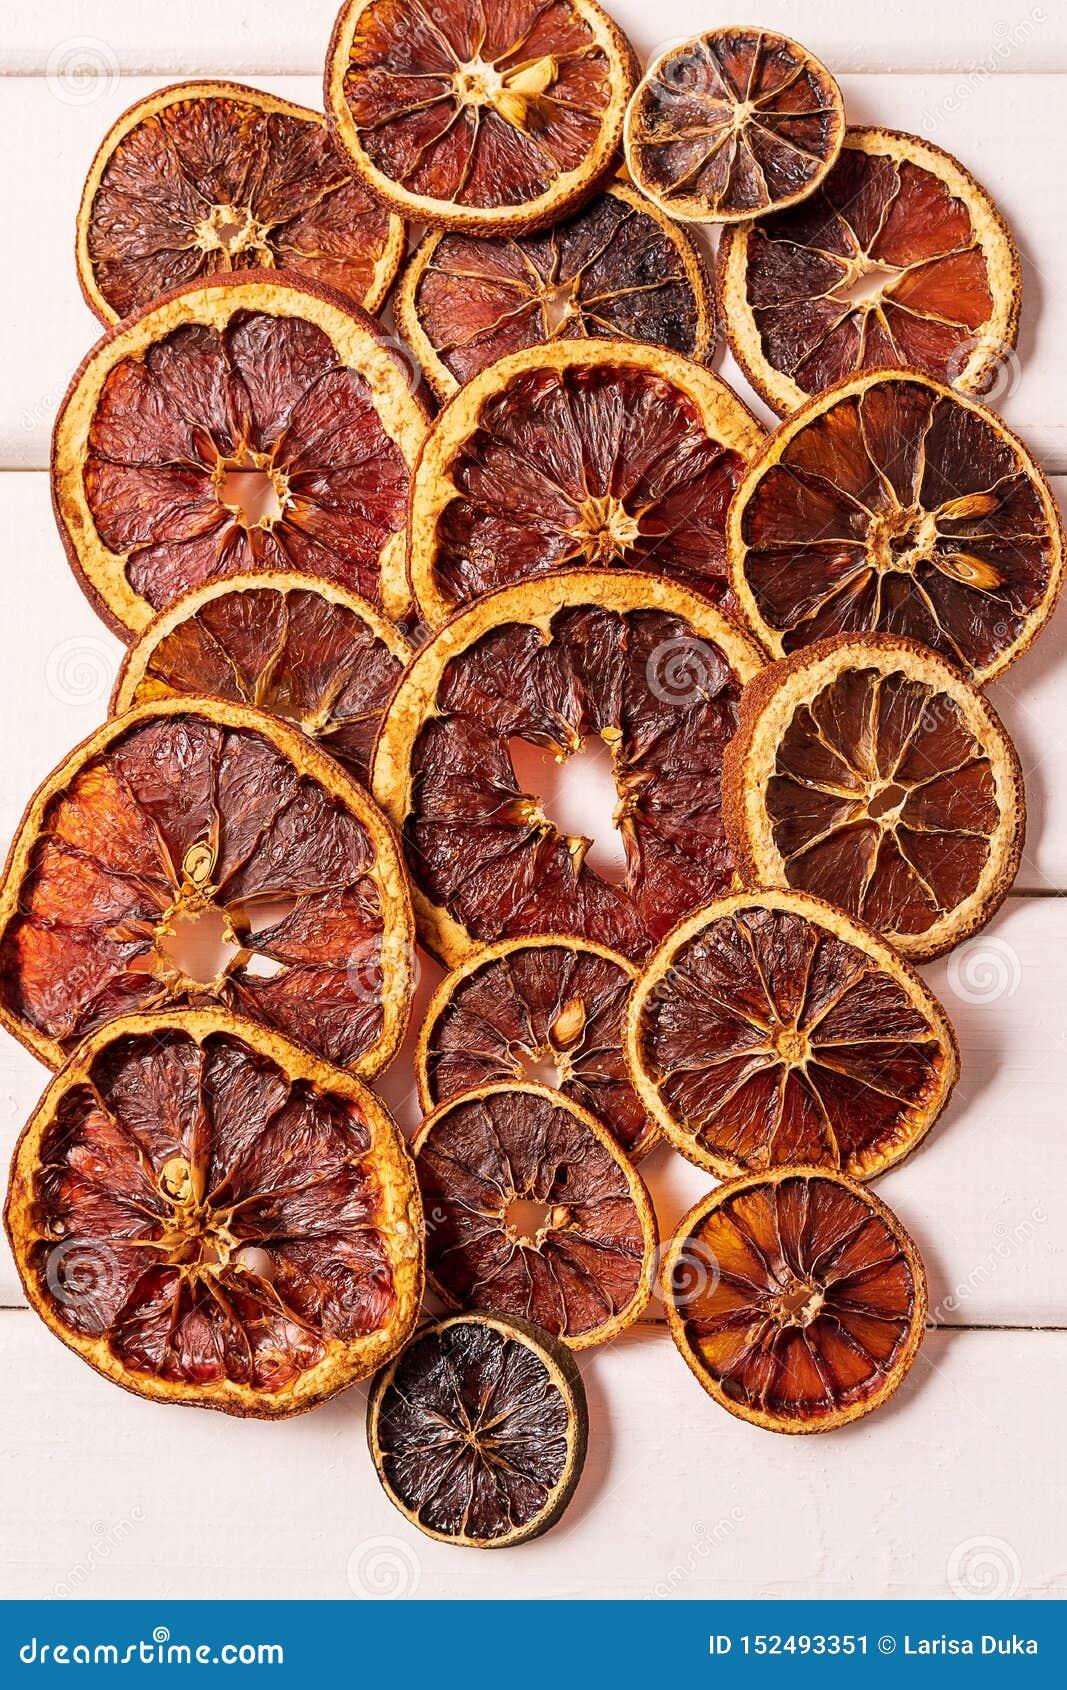 Wysuszony Piec Odwodniony candied domowej roboty pomarańczowy cytrus owoc układów scalonych wzór